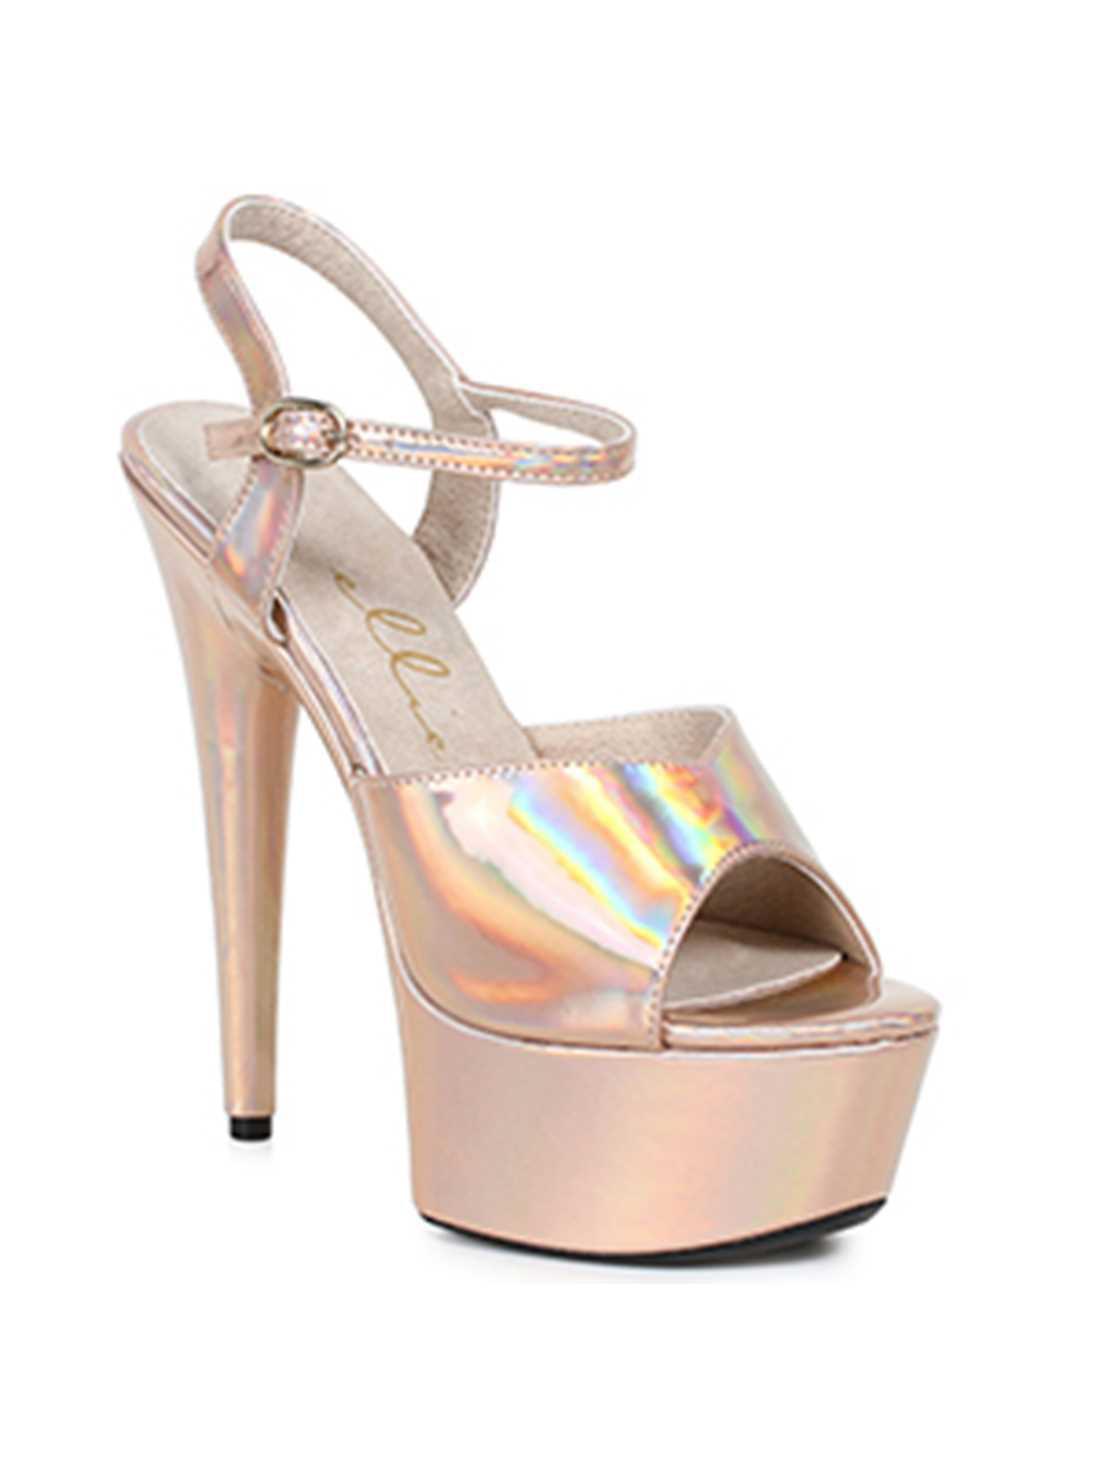 Ellie Shoes Womens 609-UNICORN Dress Pump